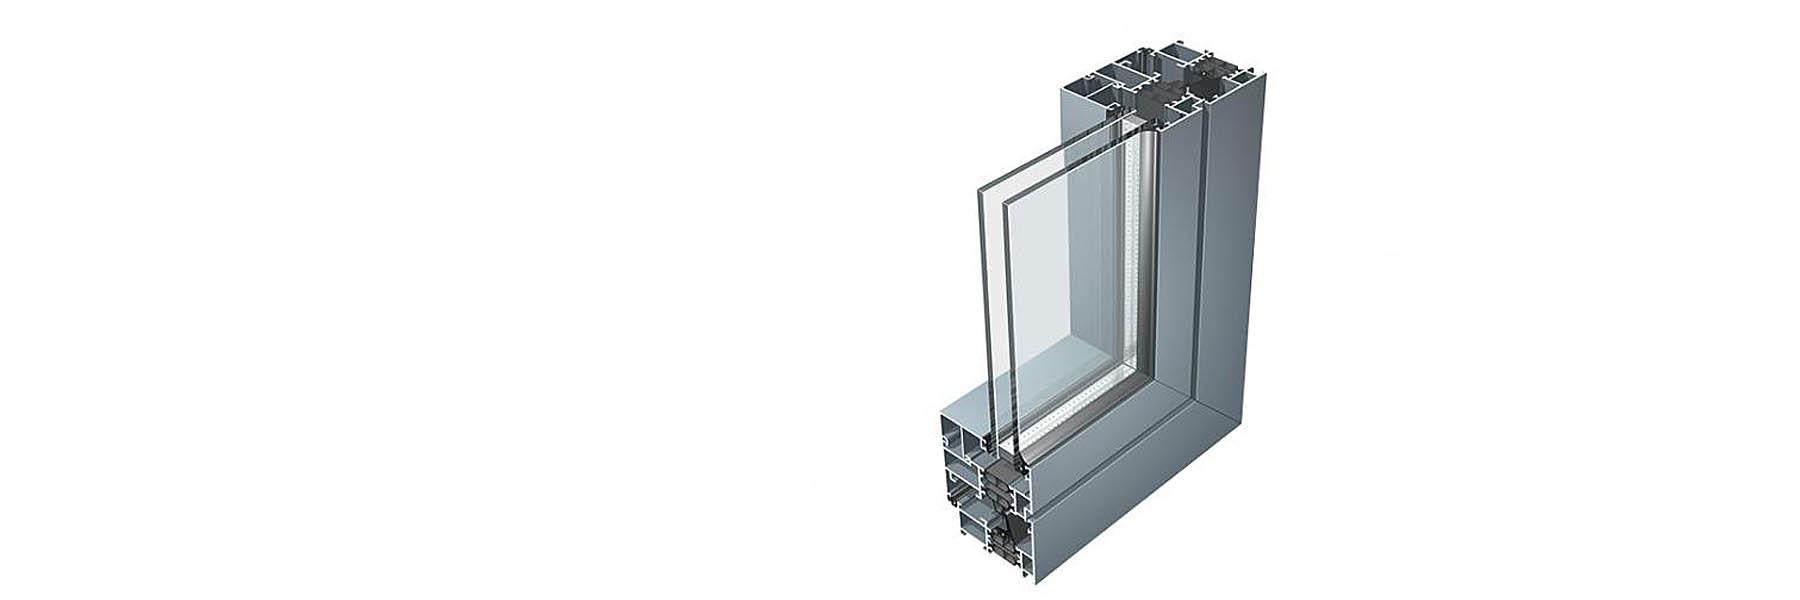 serramenti-battente-alluminio-aluk67iw